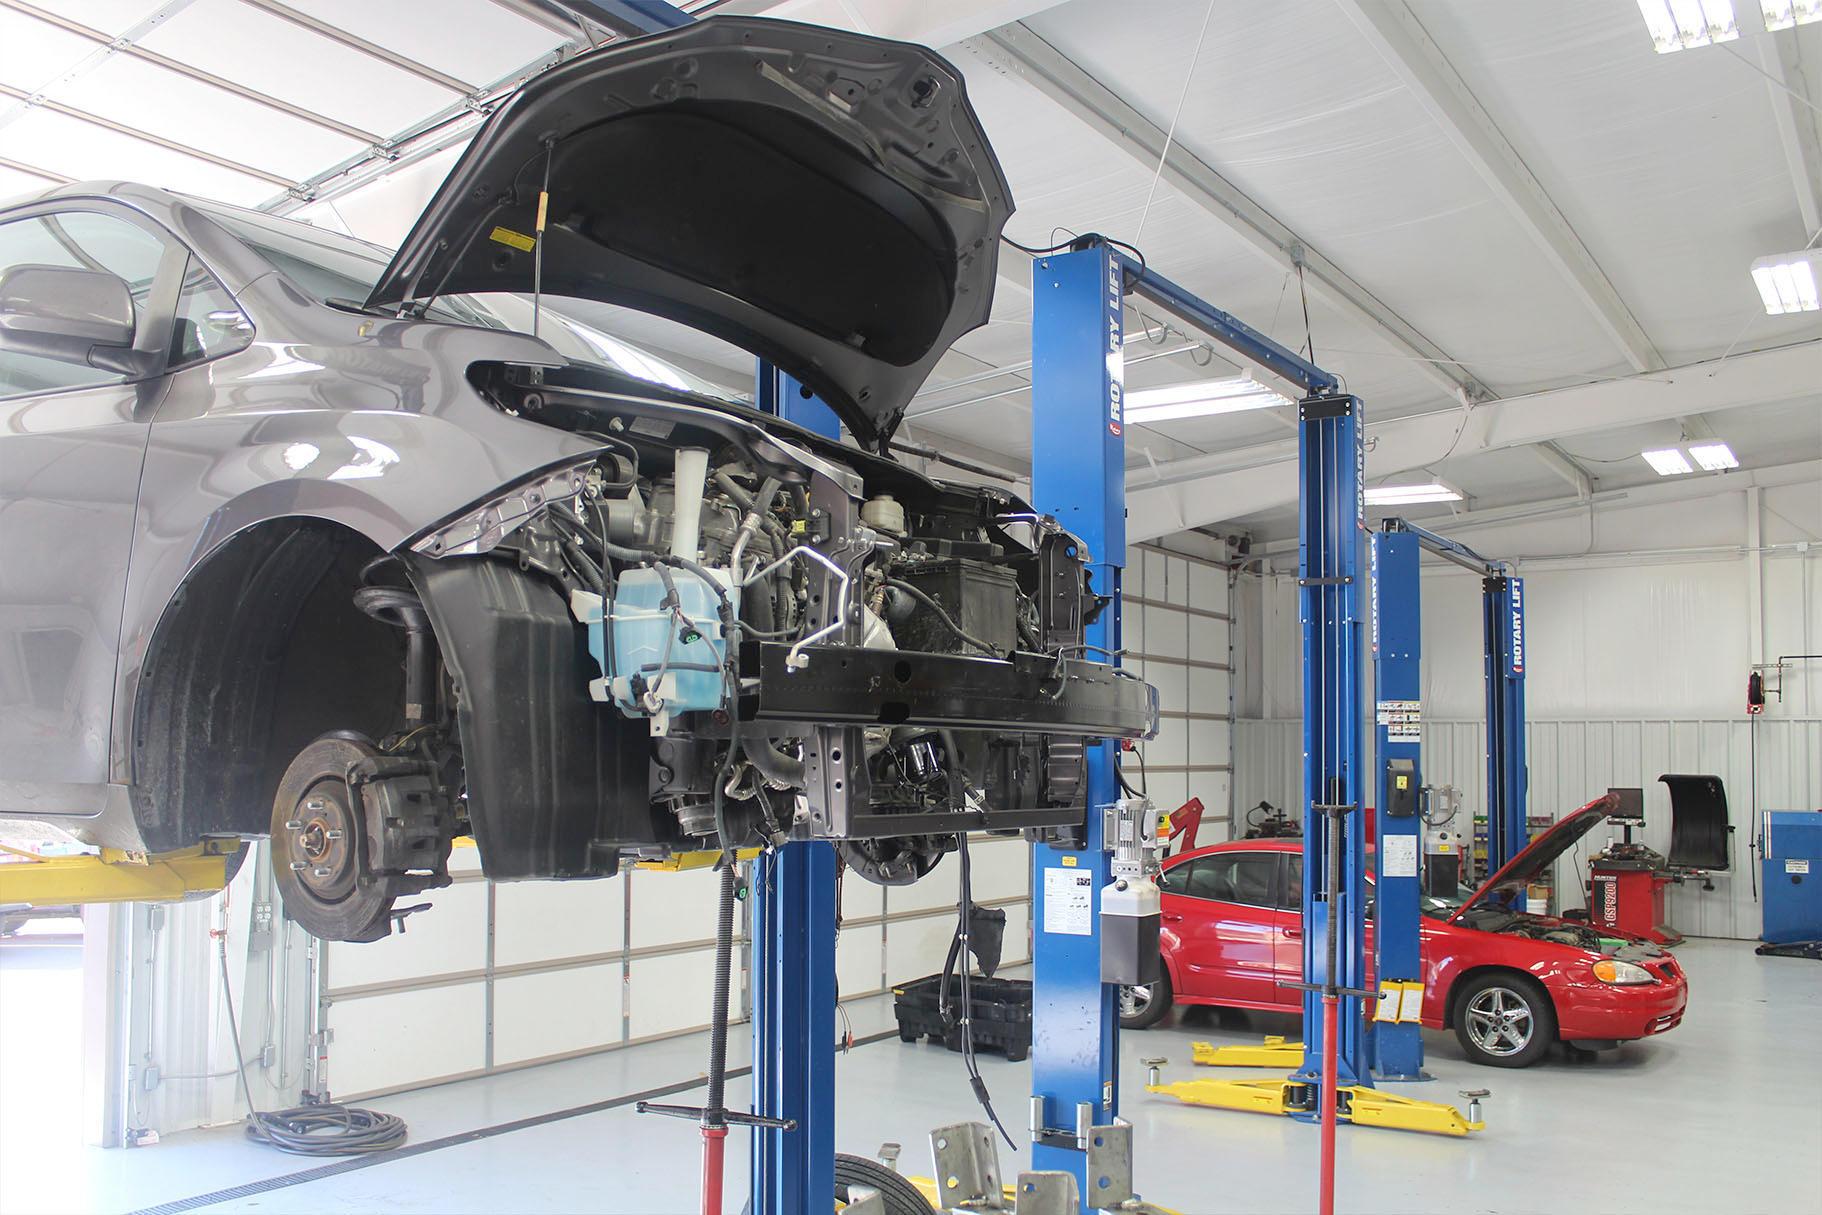 Larry's Automotive image 3